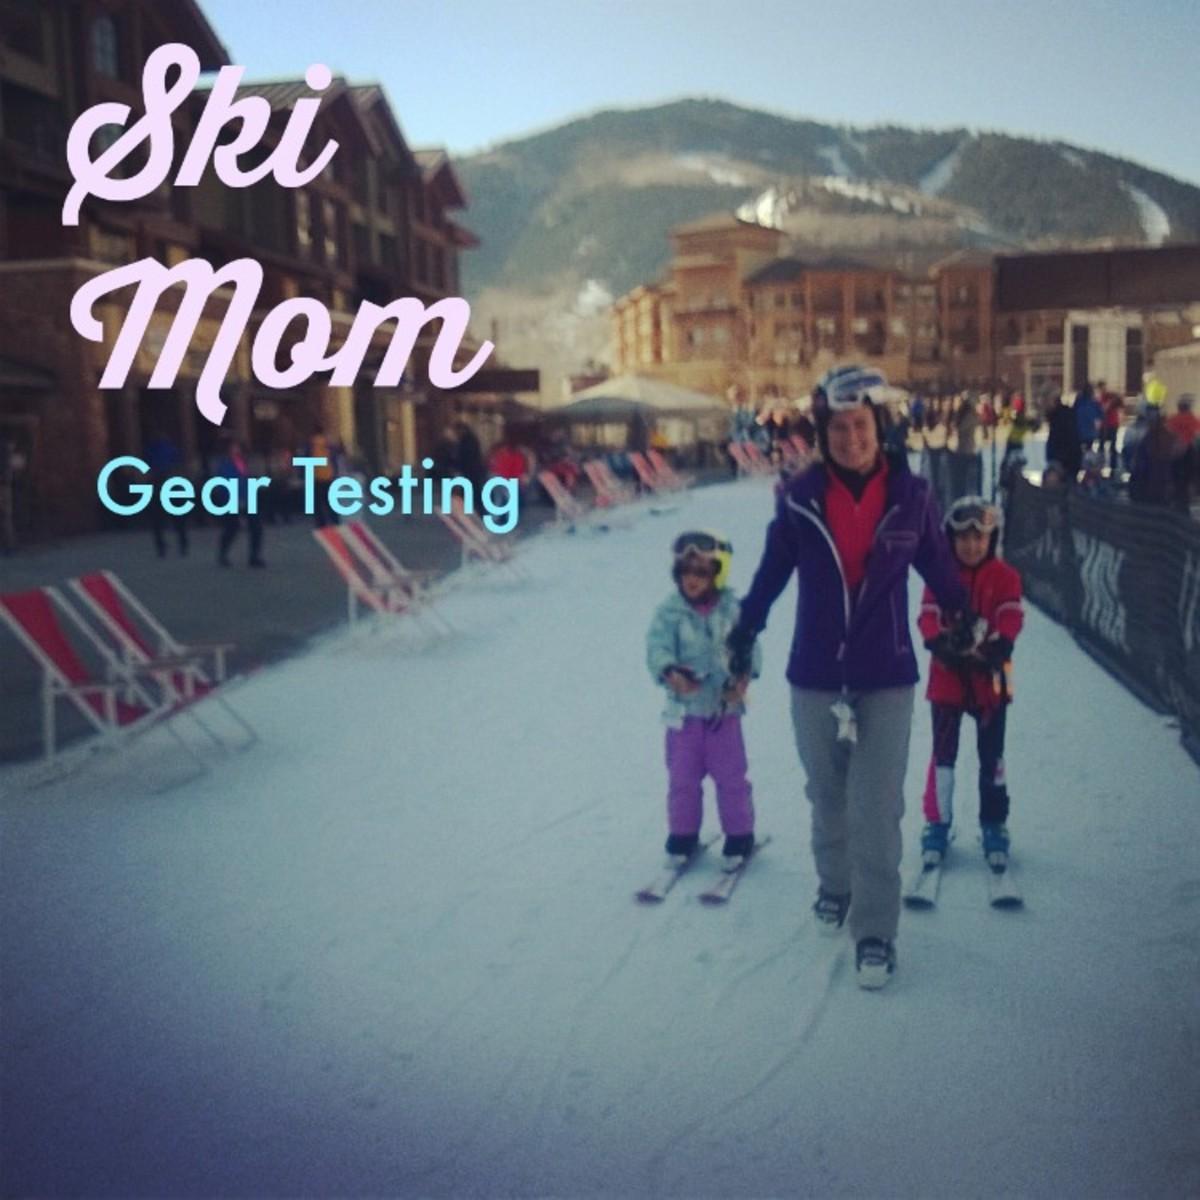 ski mom gear testing.jpg